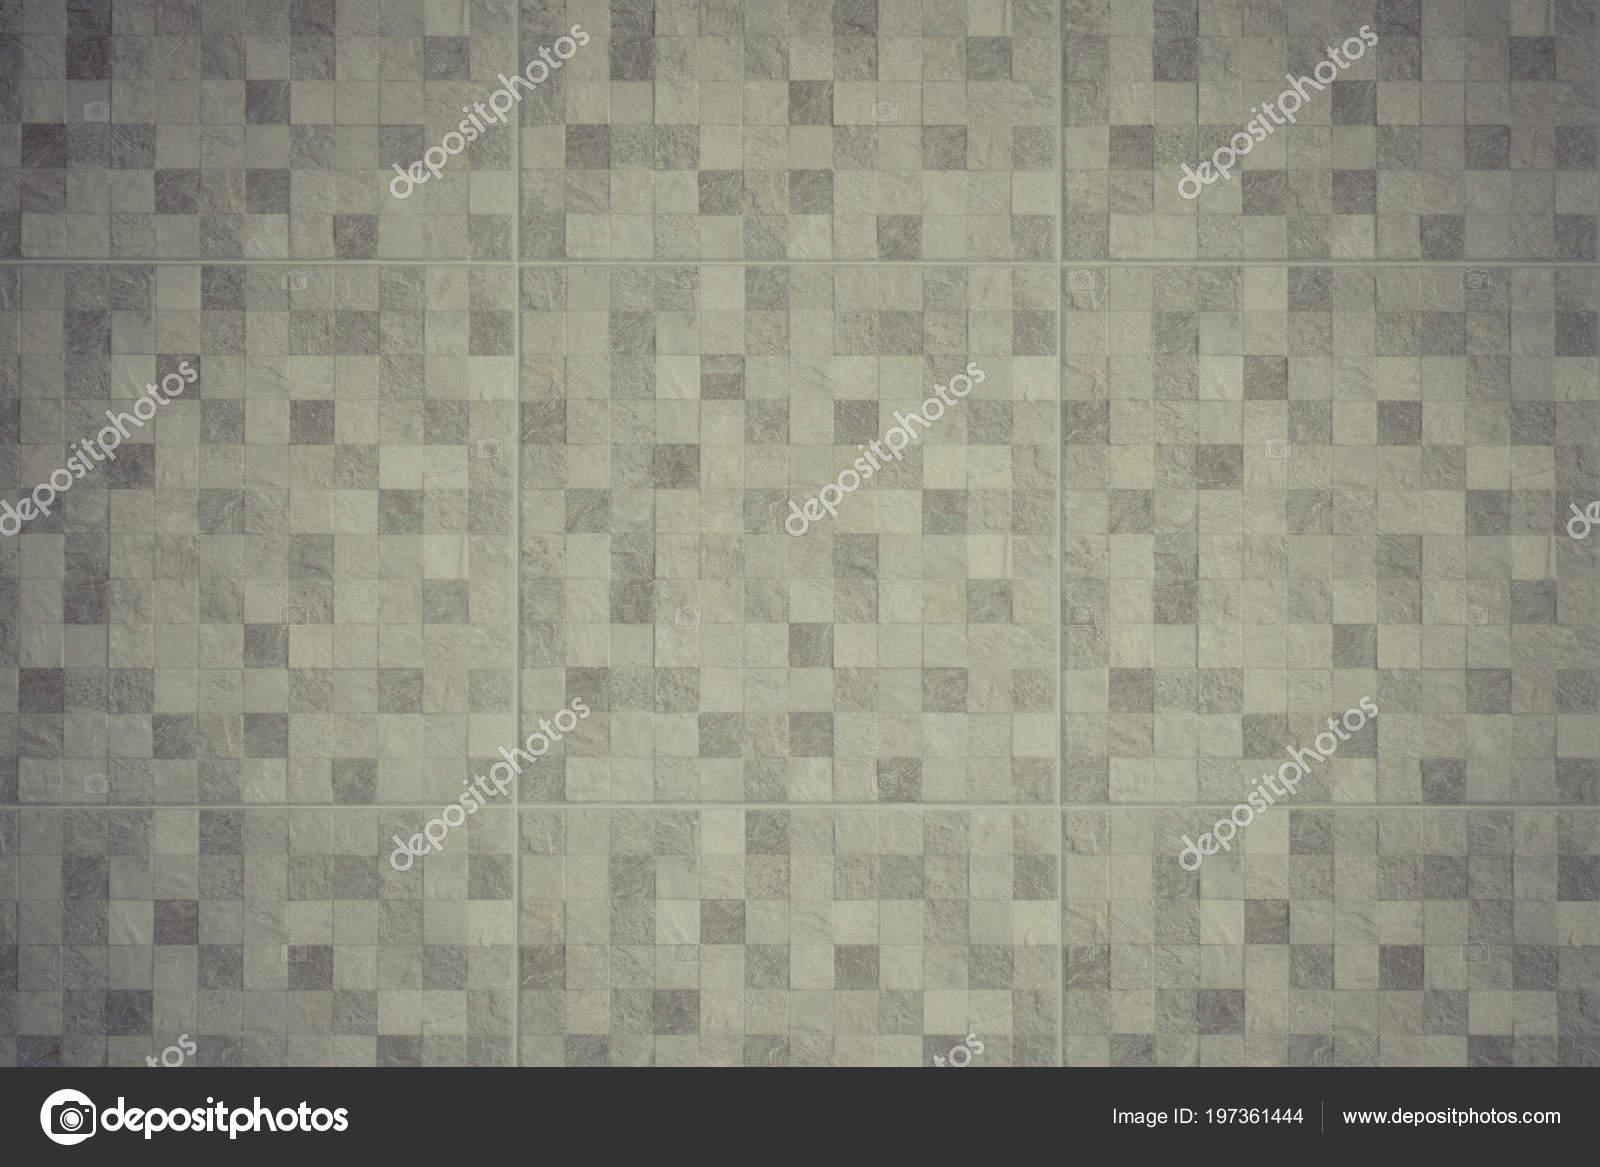 Mattonelle colore naturale superficie muro texture sfondo processo